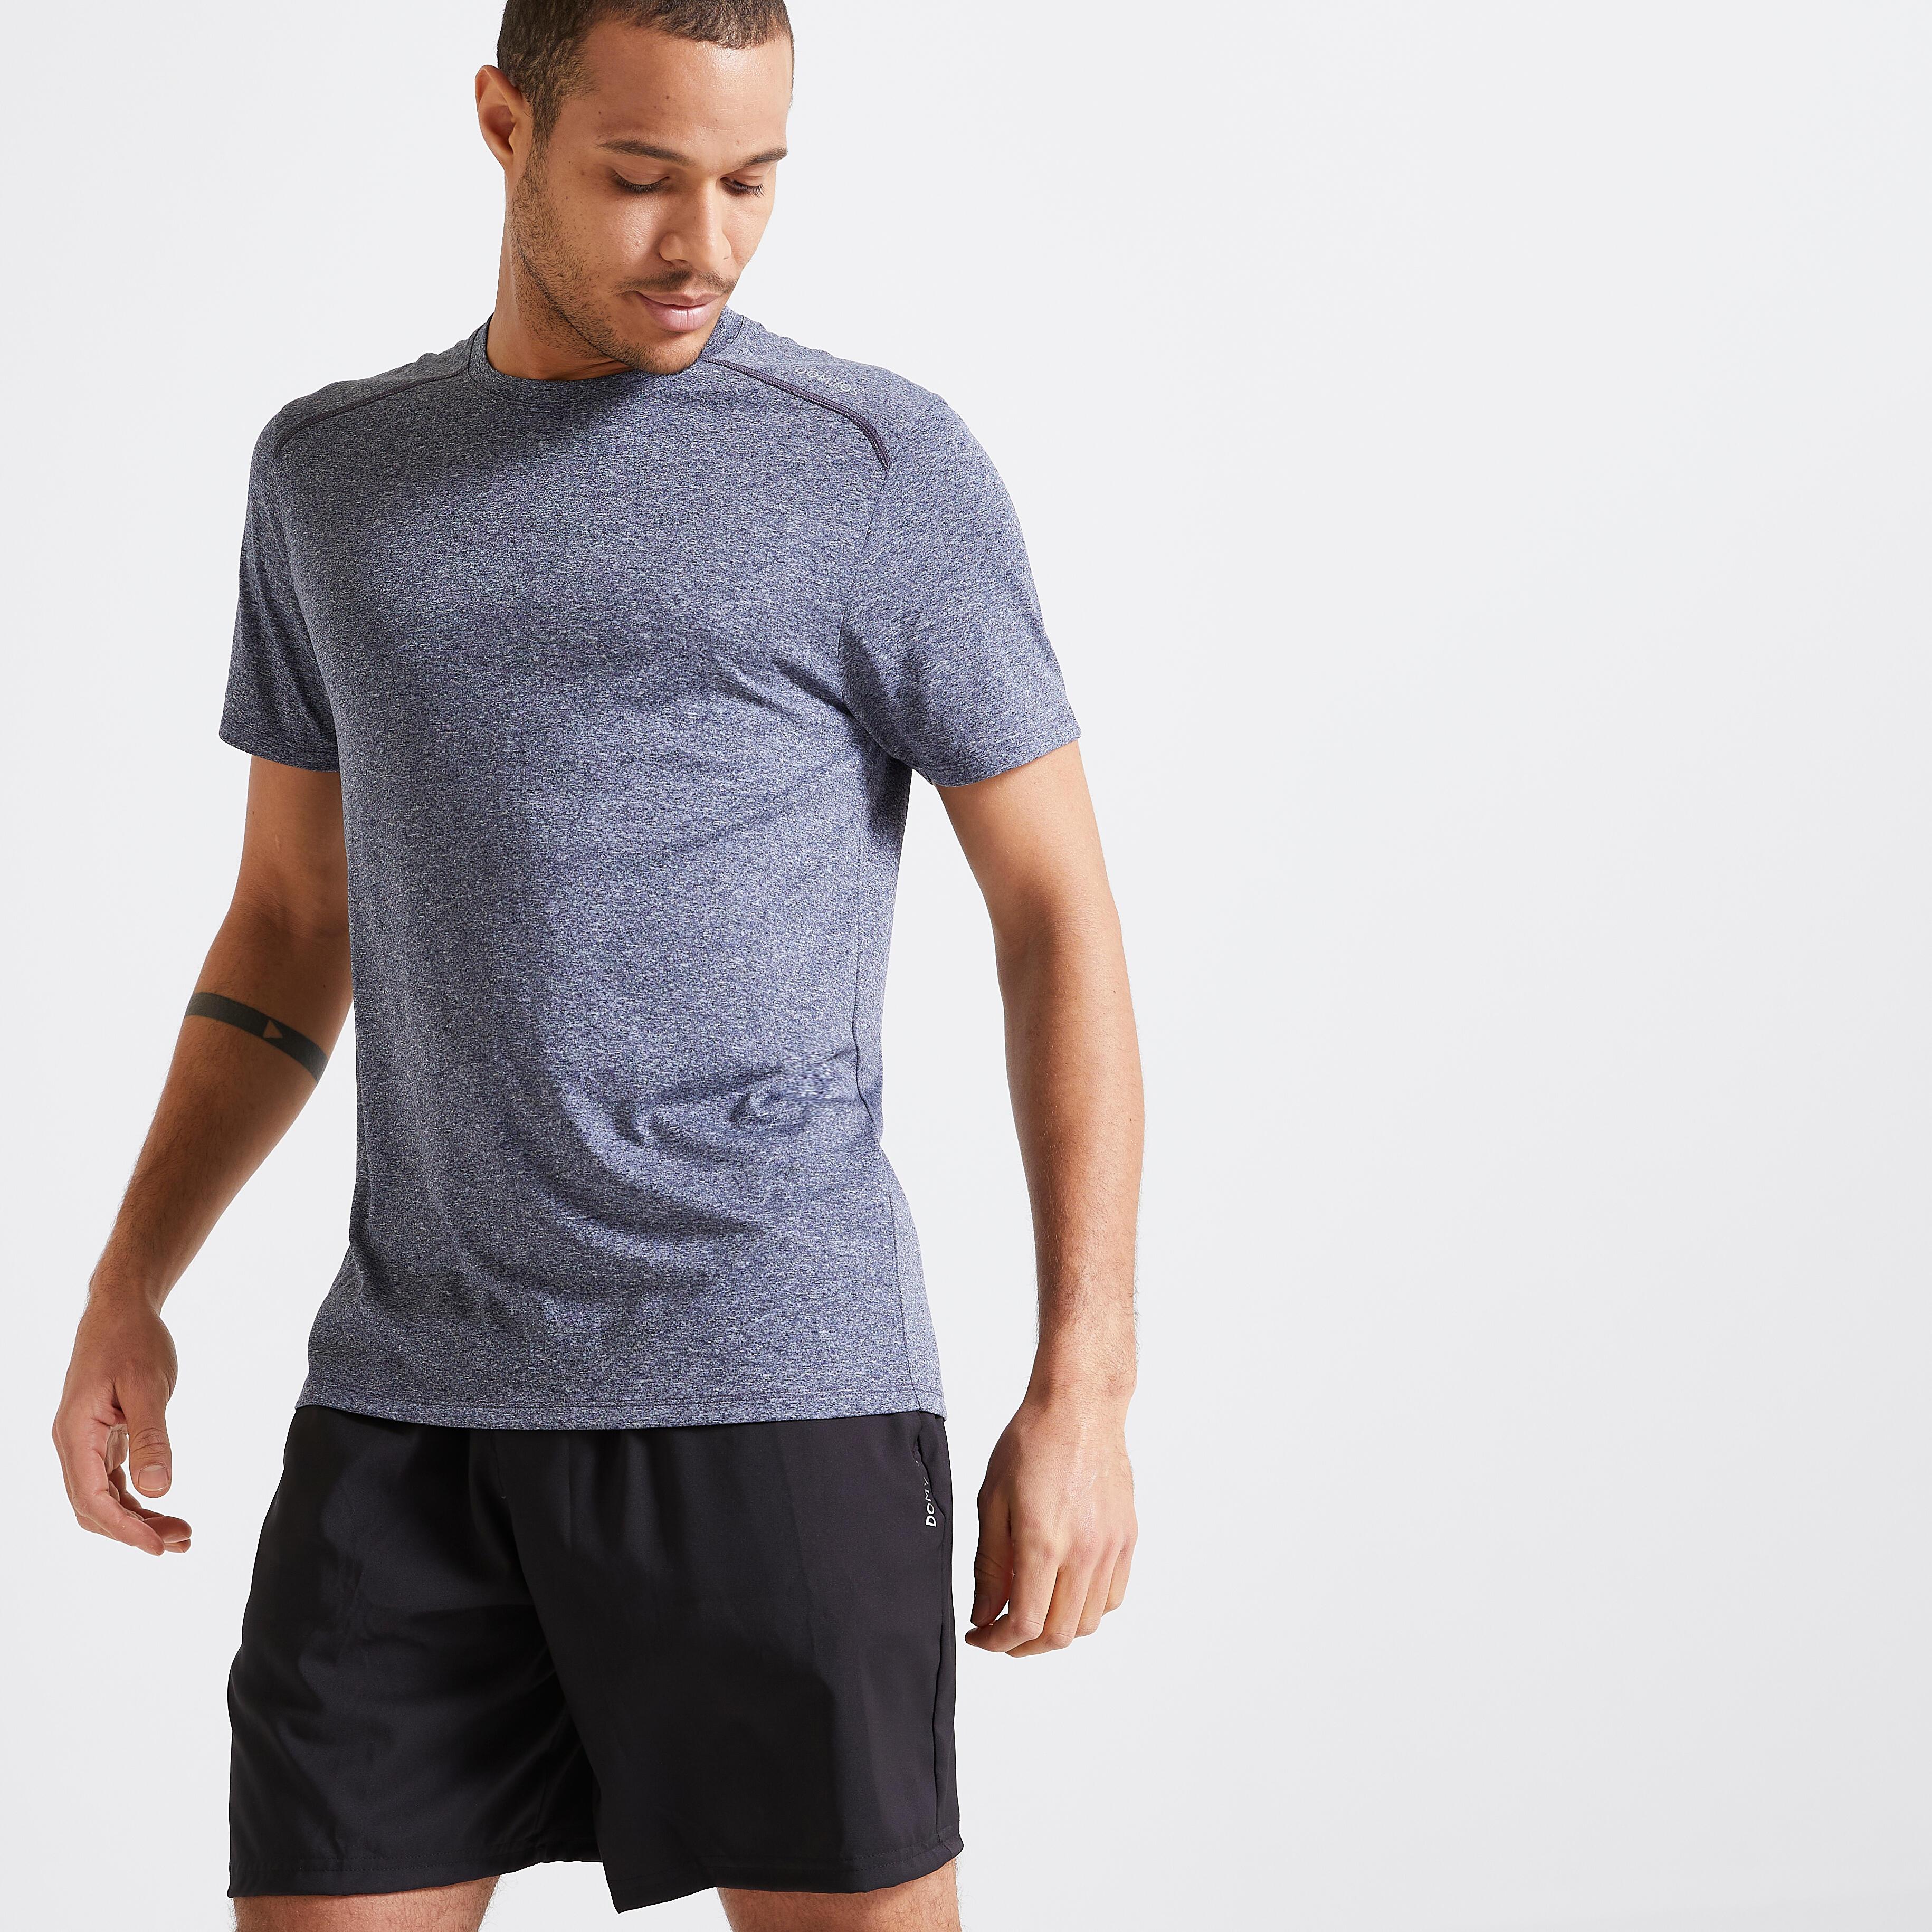 Tricou Fitness Cardio 100 gri la Reducere poza